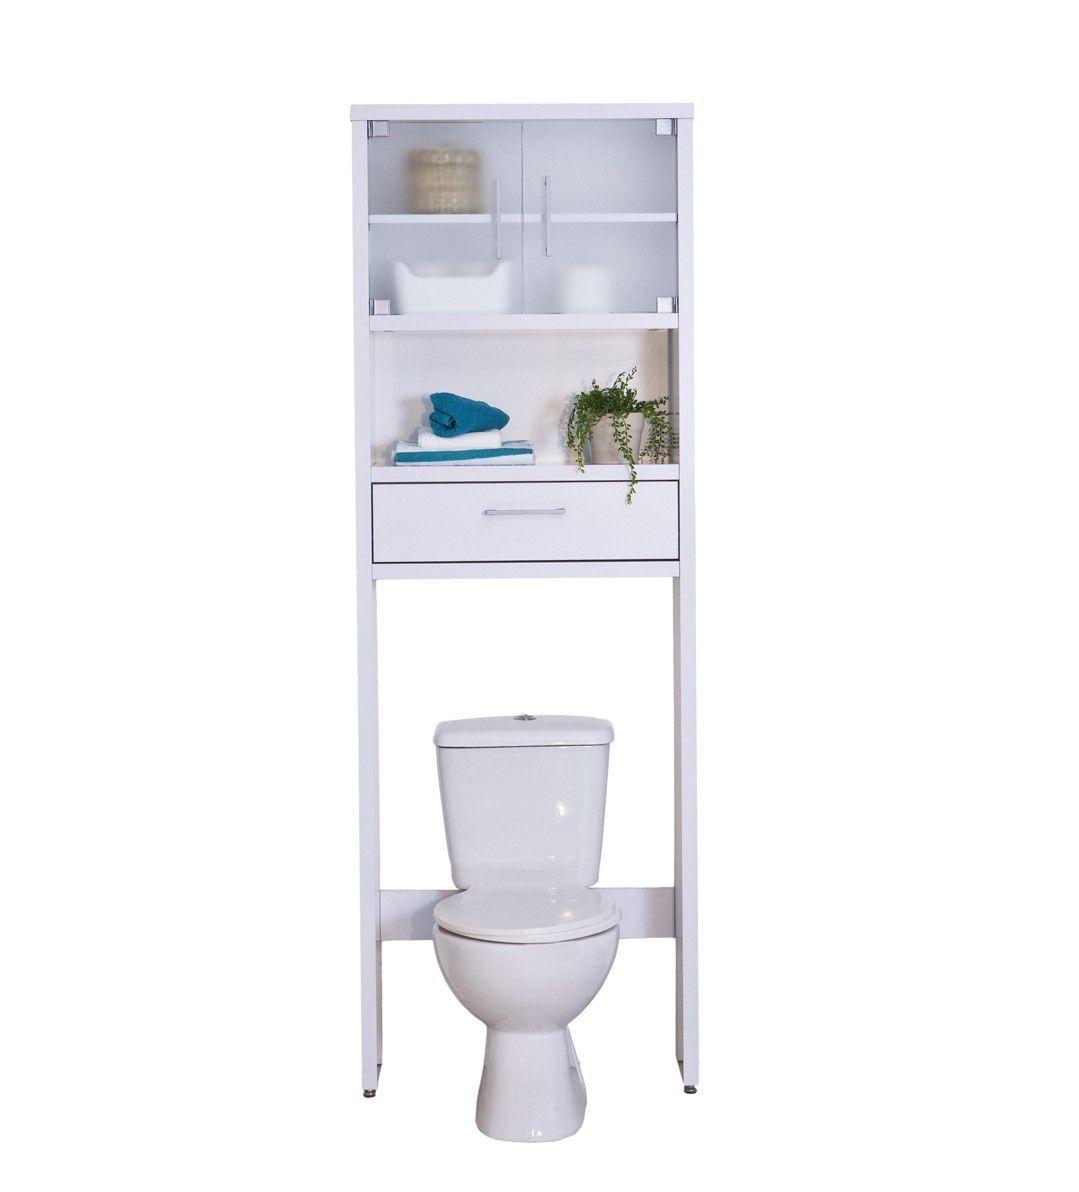 Muebles de bano baratos reffox serie de muebles de bao for Inodoros completos baratos